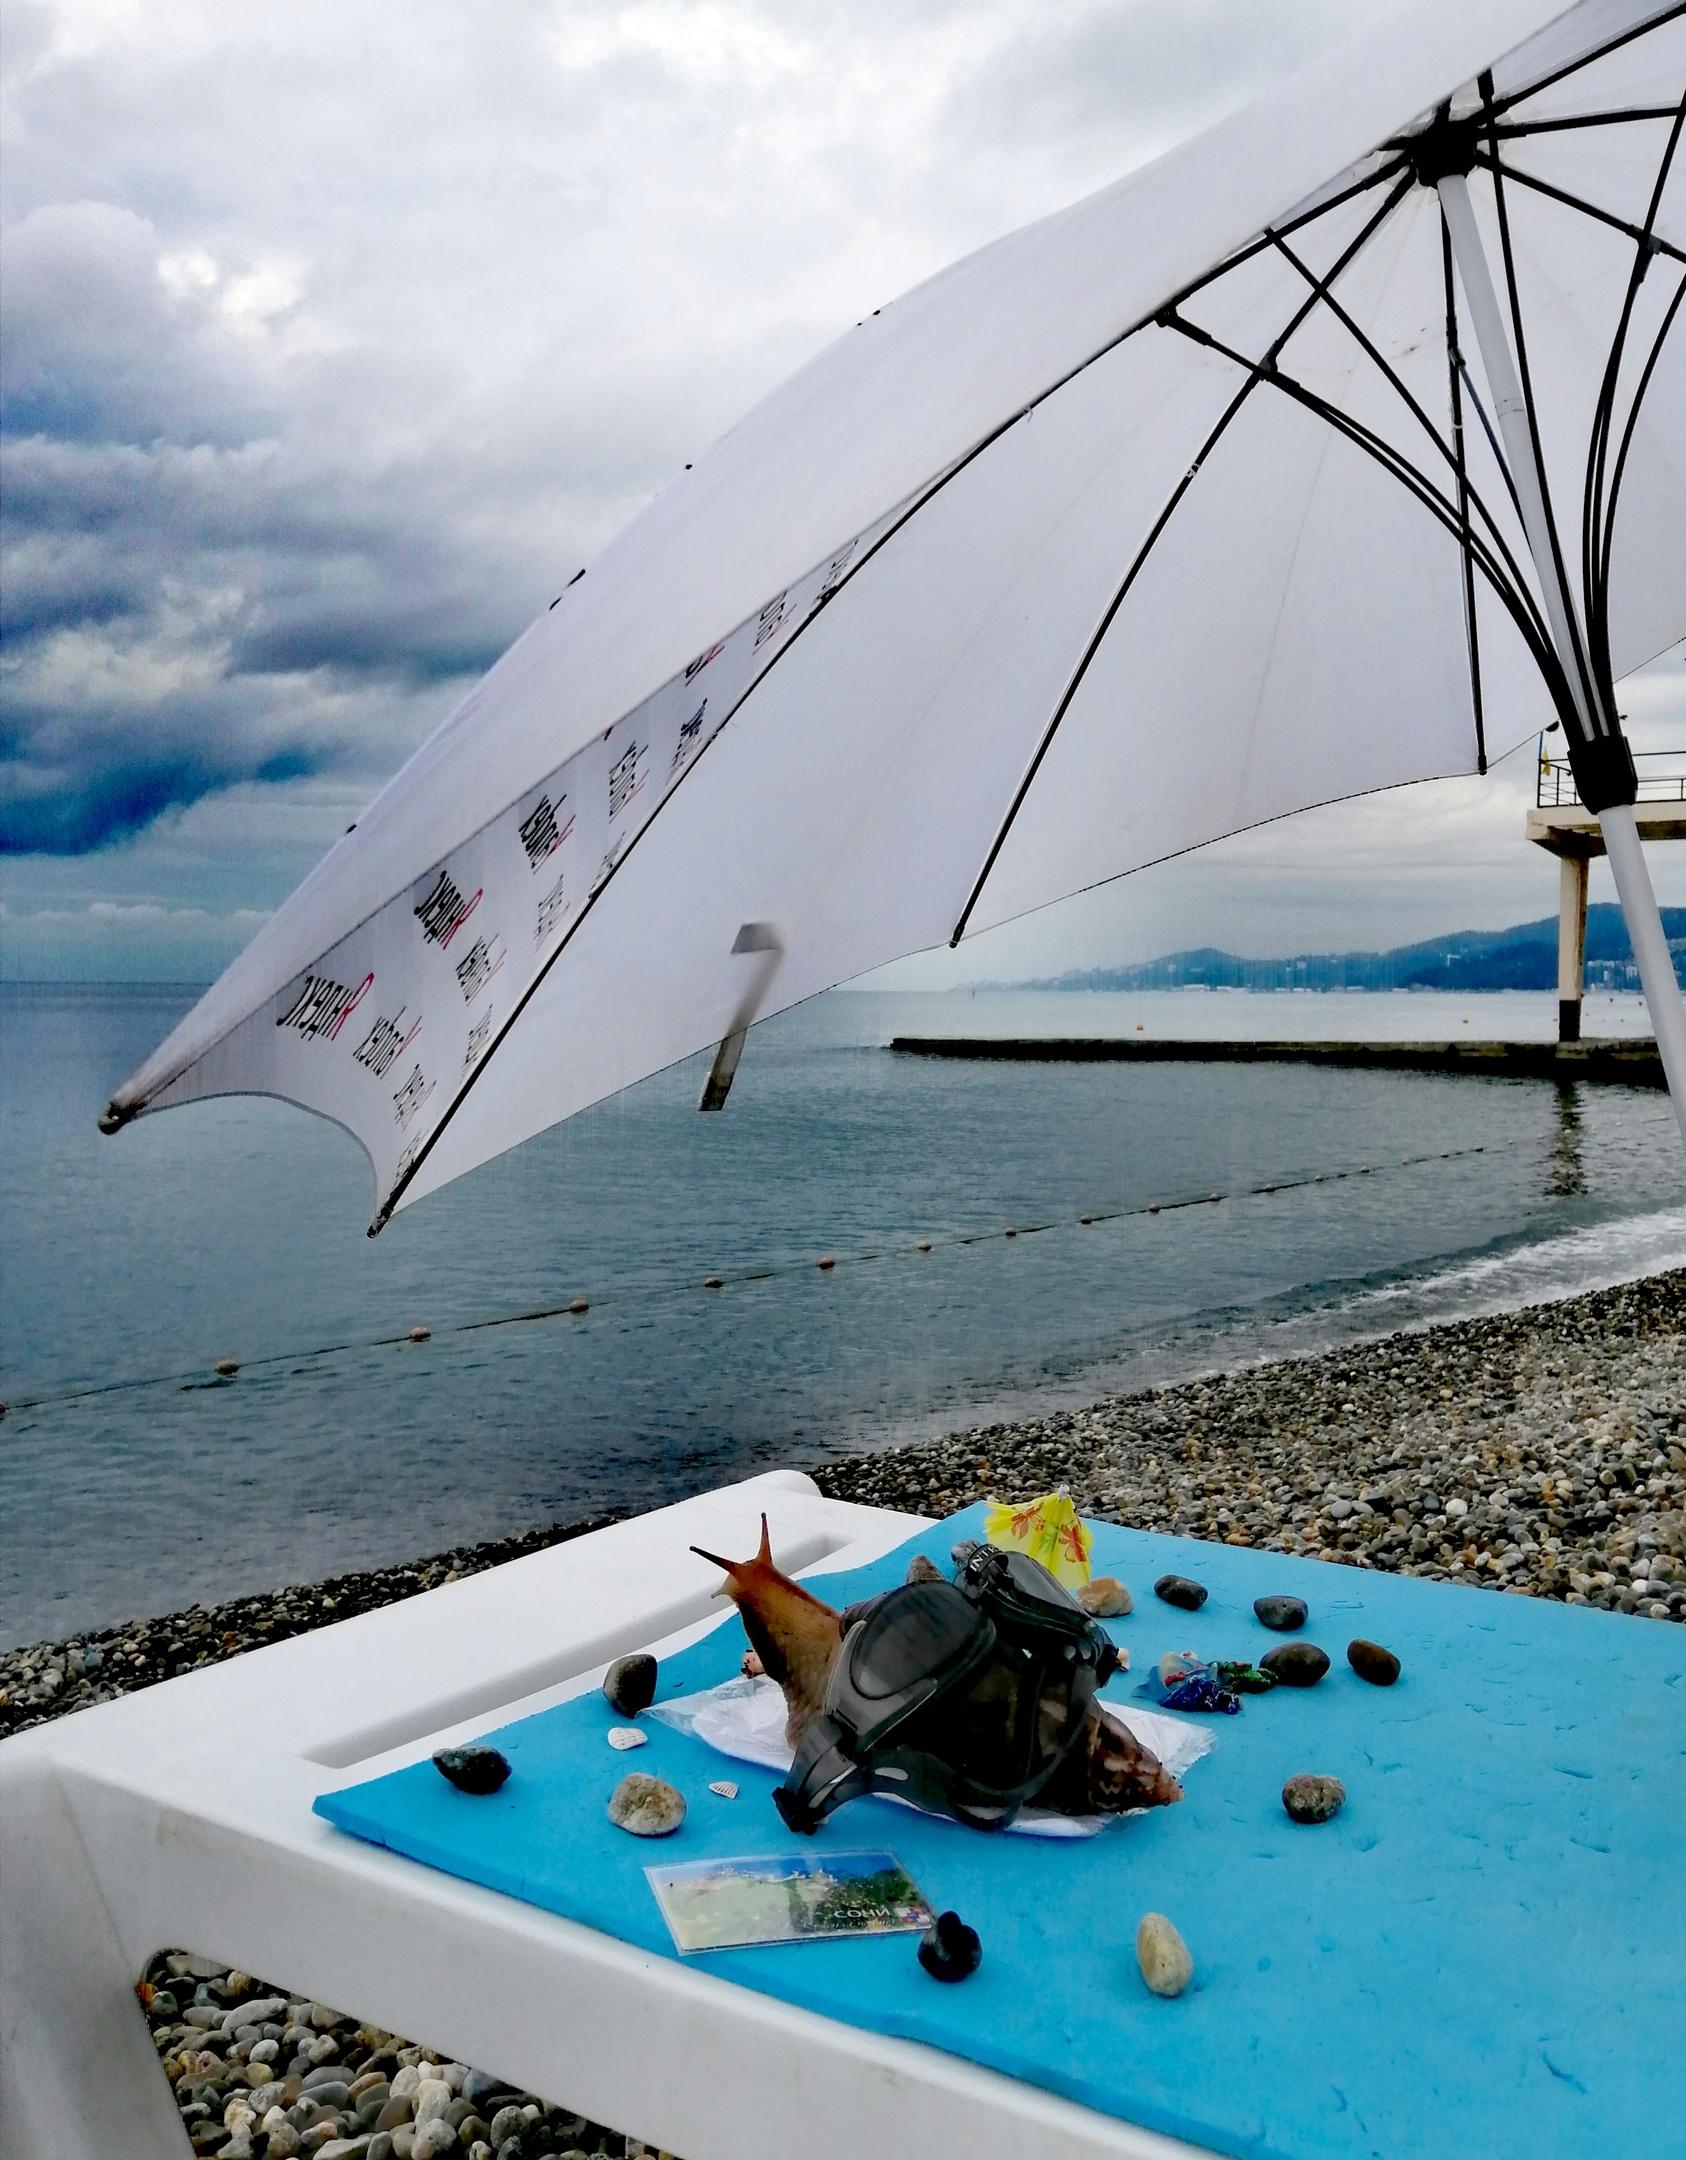 Ранним утром на пляже... Перед завтраком Фрося в плавательных очках наслаждается видом на море и представляет себя маленьким дельфином.😊 Антураж звезды пляжа - камешки, ракушки, магнитики с дельфином и видом Сочи. Перед поездкой на море ею был составлен жёсткий райдер: без персиков и манго из контейнера - ни ногой! 😃